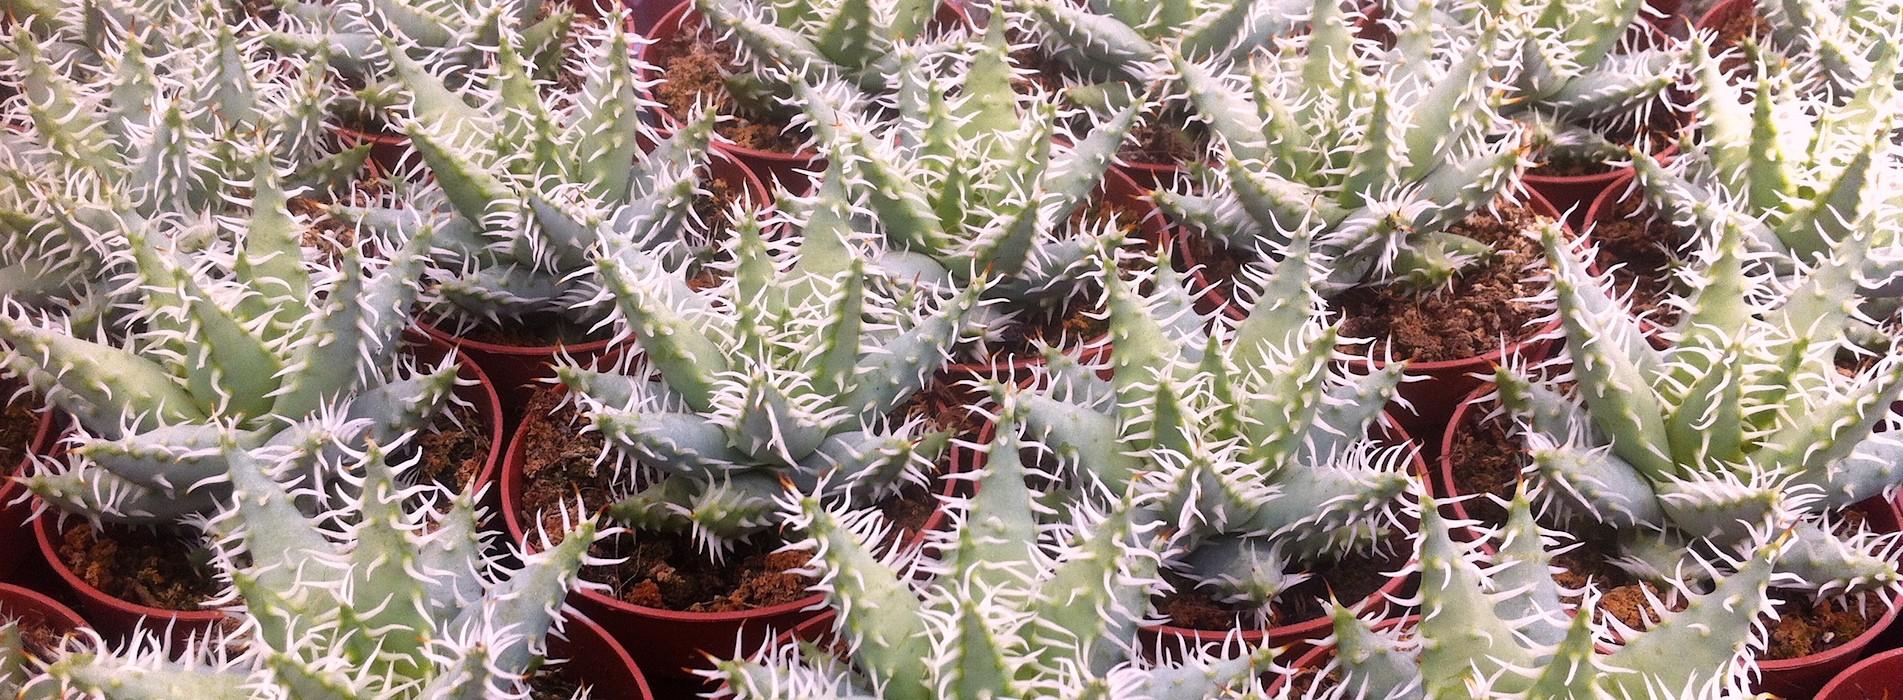 Le Cactus Alpin - Aloe erinacea